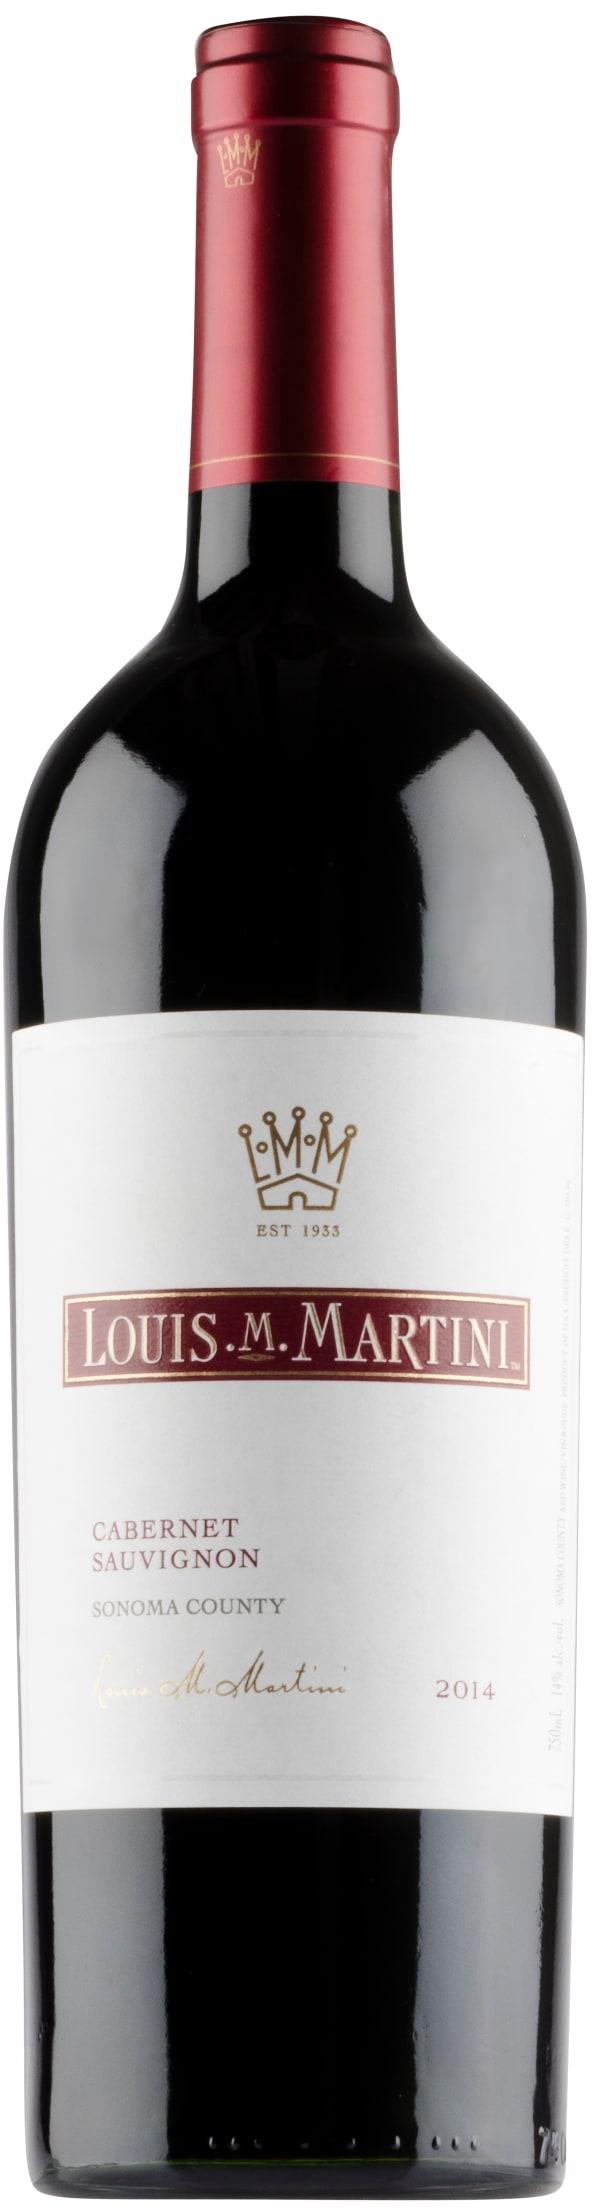 Louis M. Martini Cabernet Sauvignon 2014